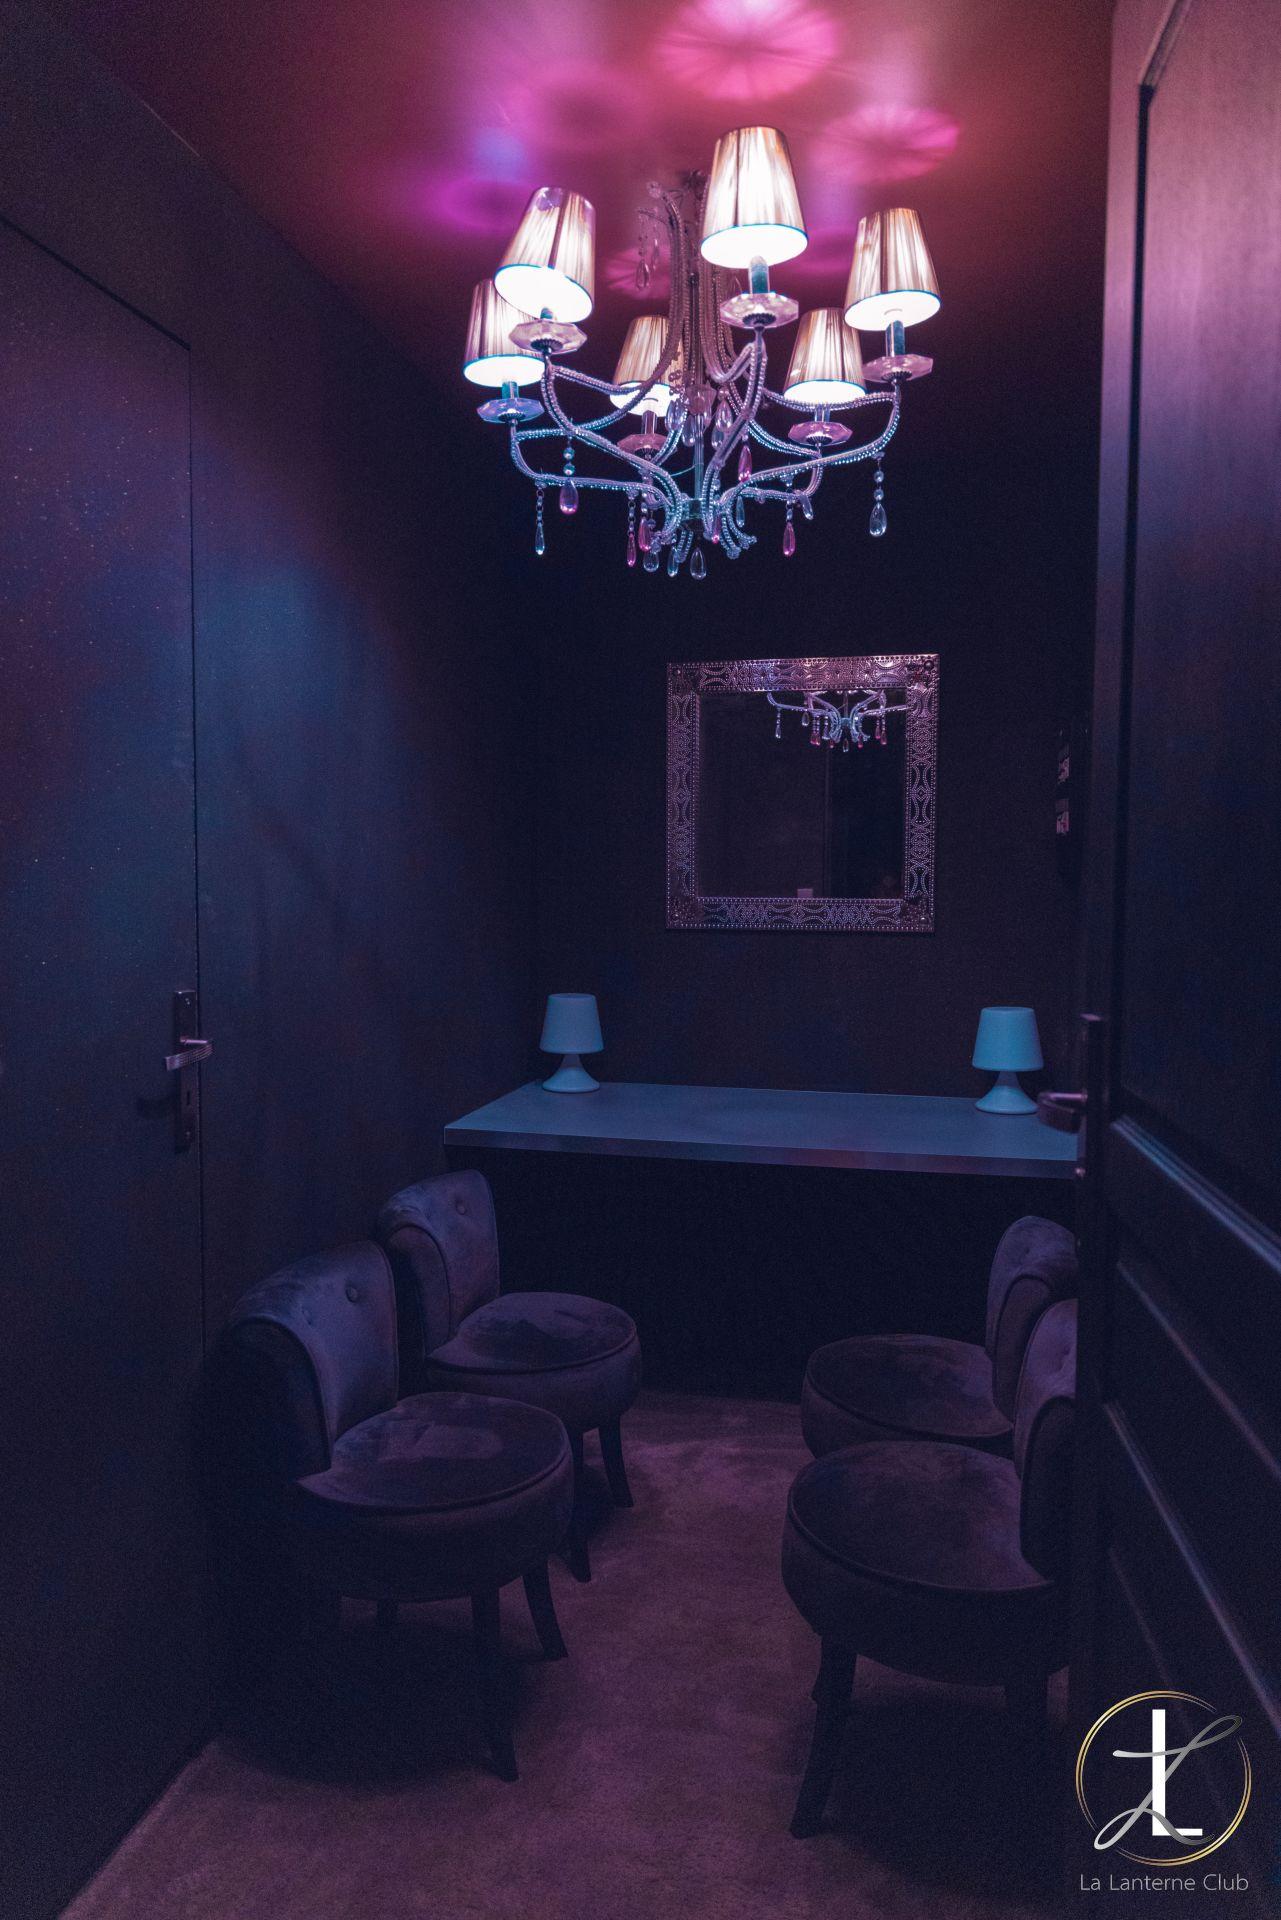 Lanterne Club 2